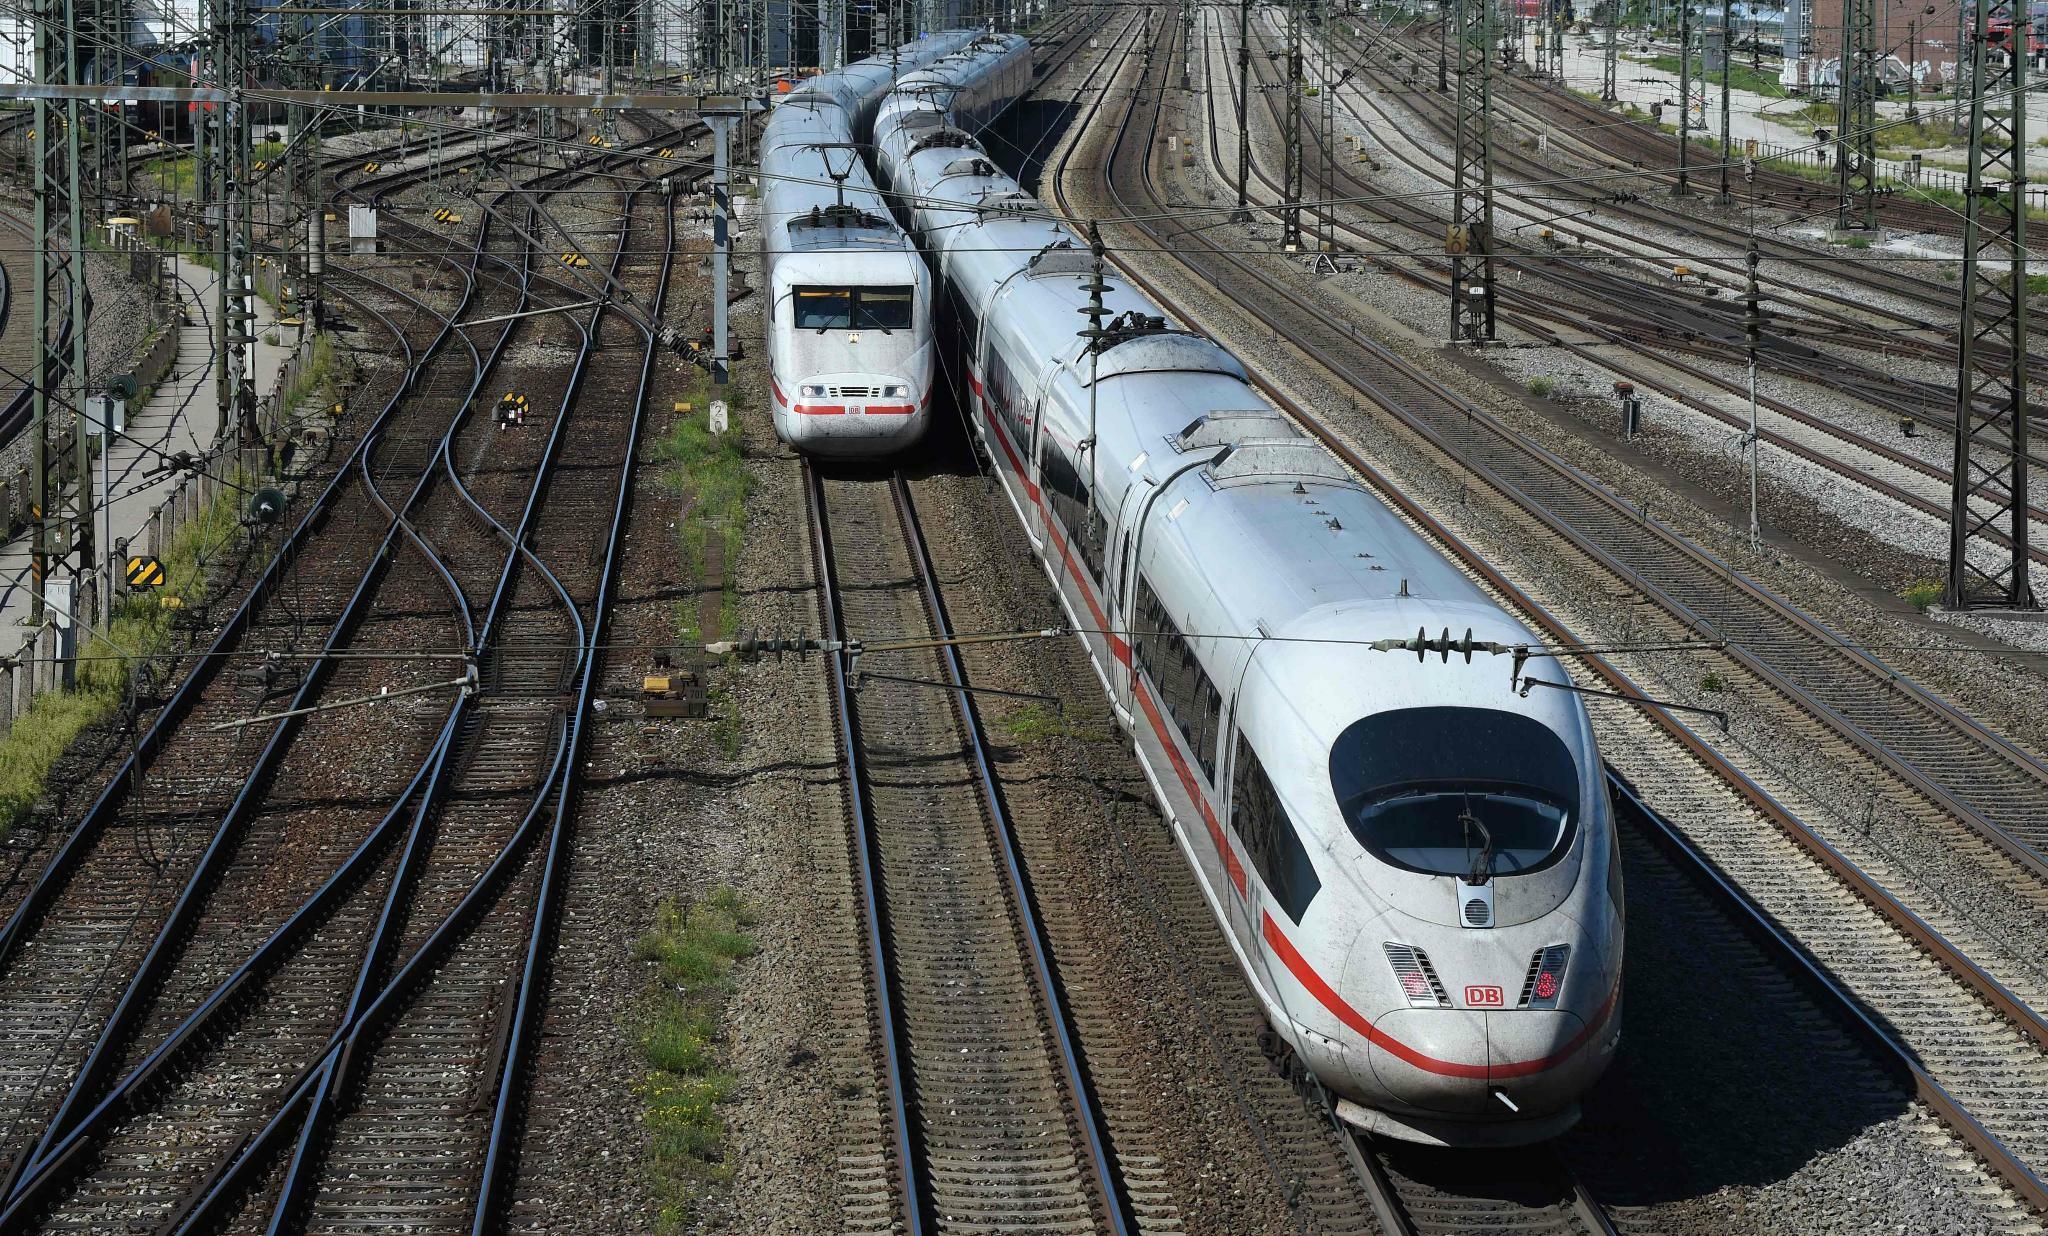 Bahn-Supersparpreis wird ab 2020 10 Prozent günstiger